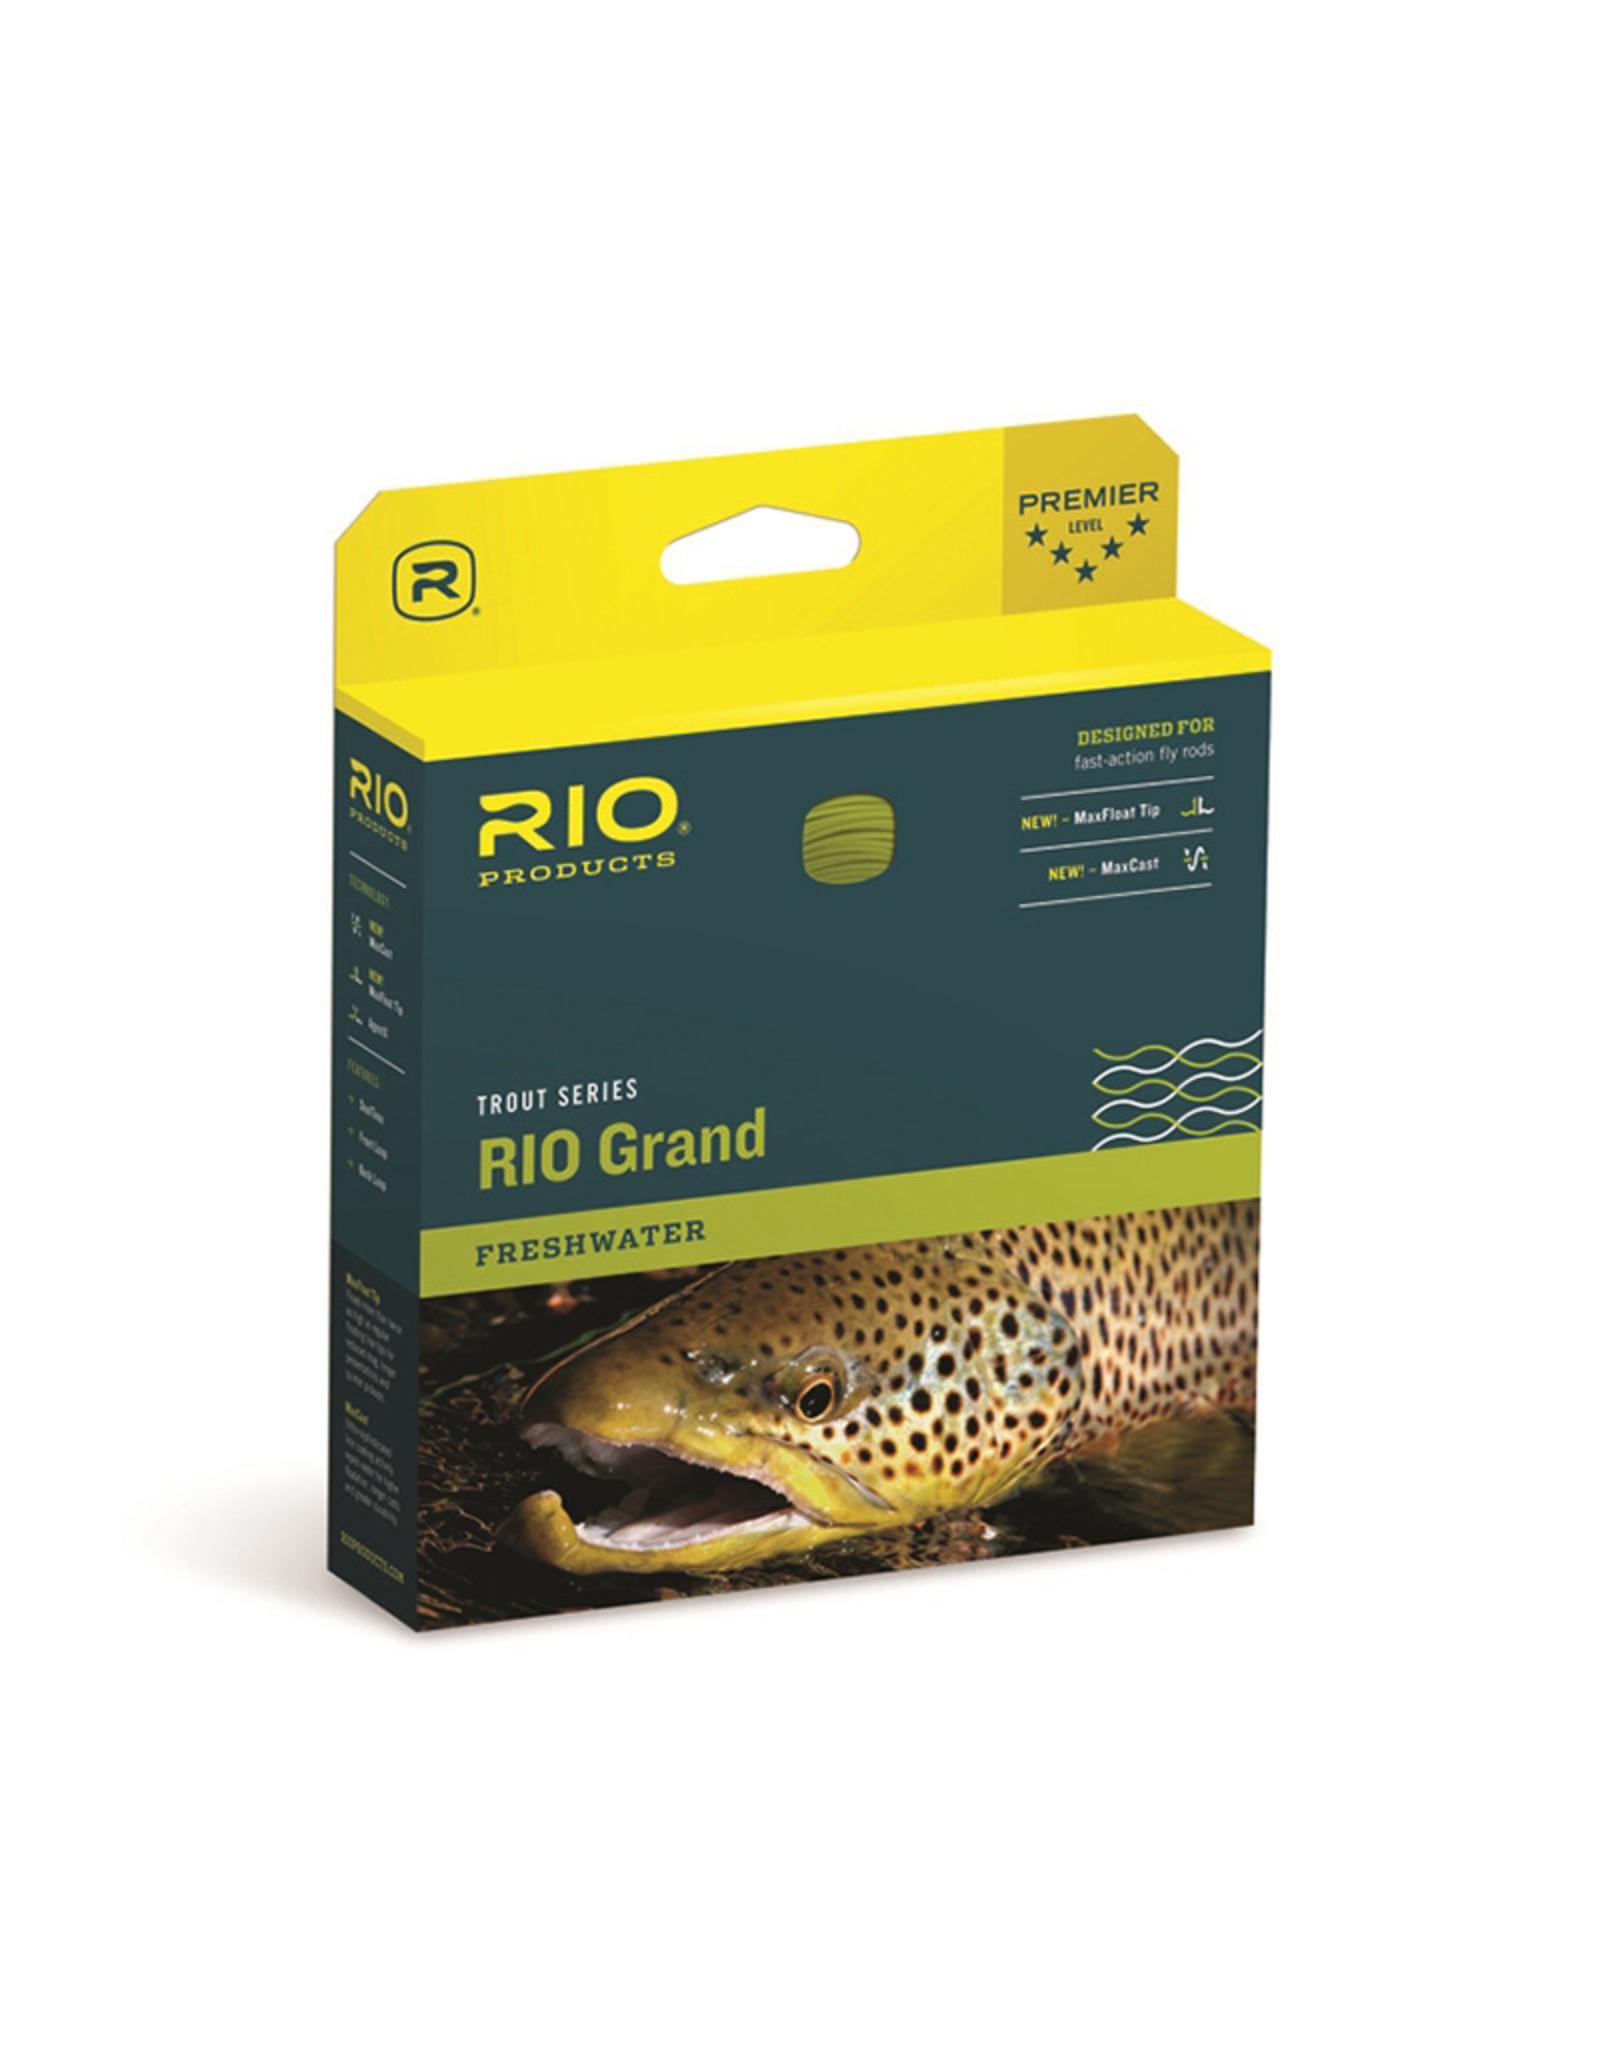 RIO Products RIO Grand